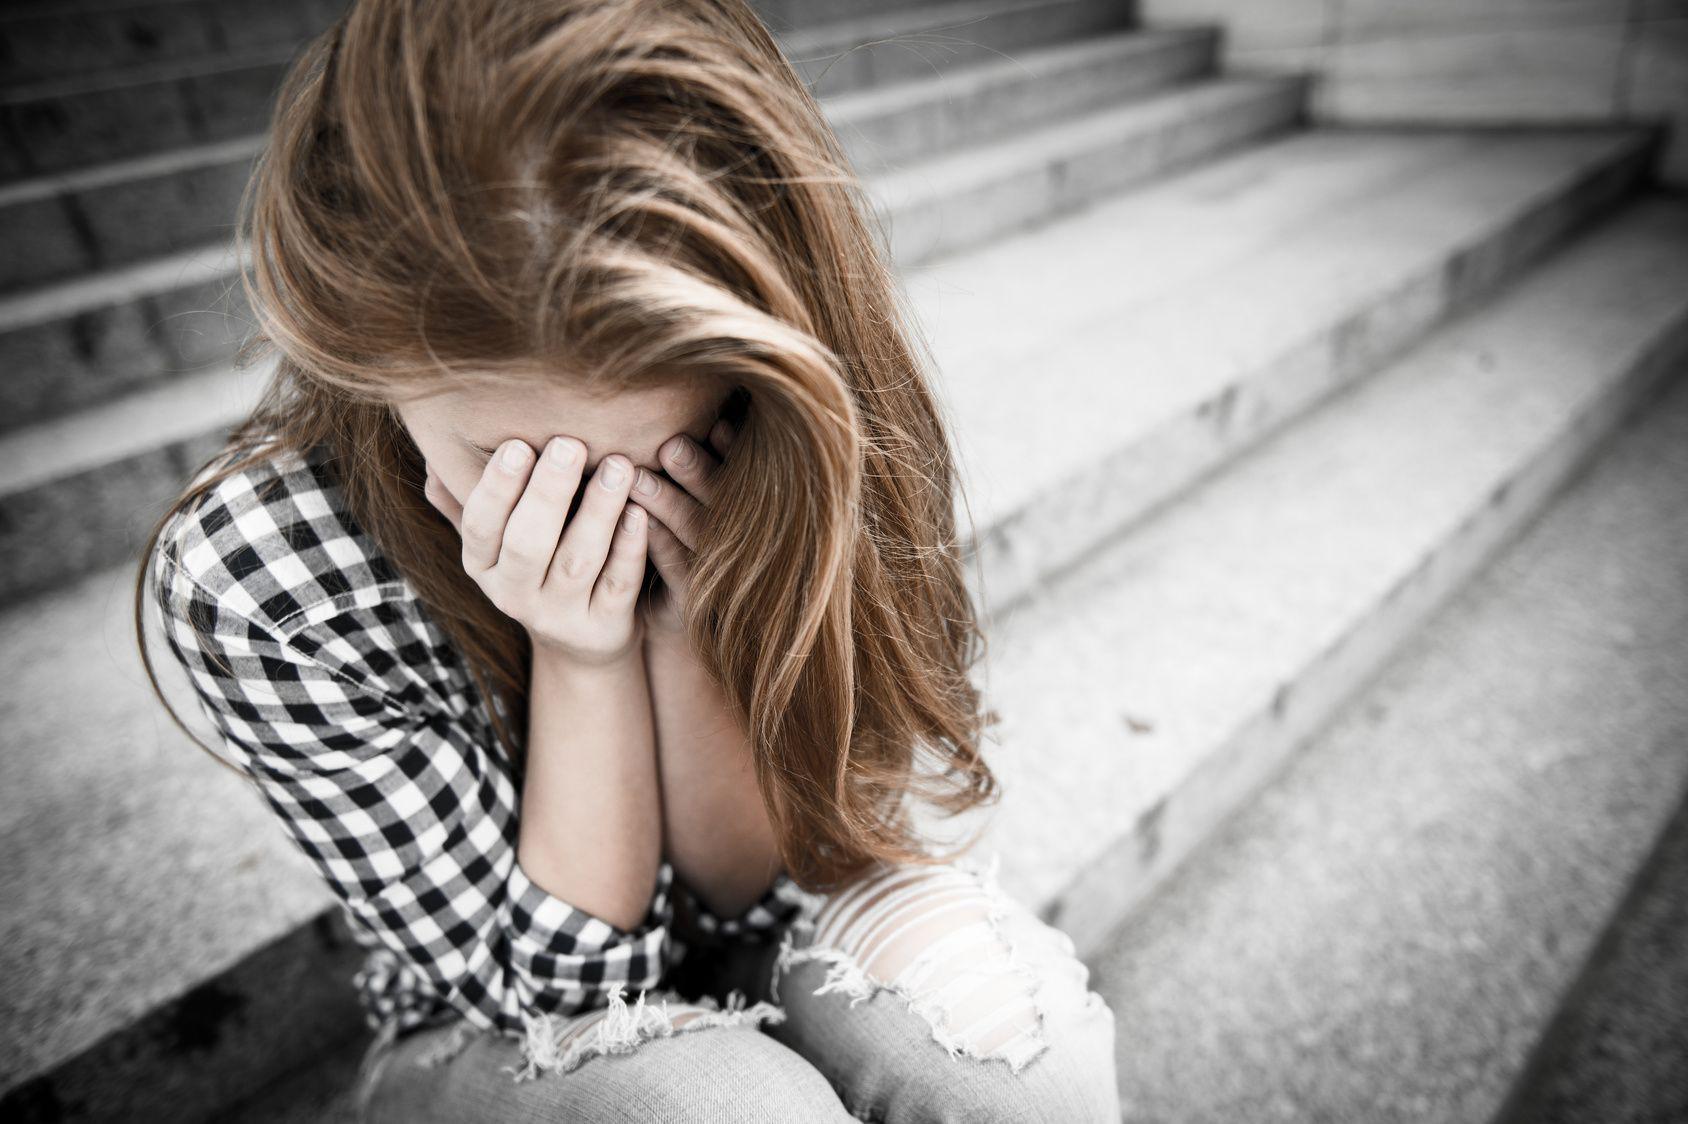 Những cơn đau đột ngột xuất hiện có thể cảnh báo nhiều bệnh nguy hiểm mà bạn nên chú ý - Ảnh 1.